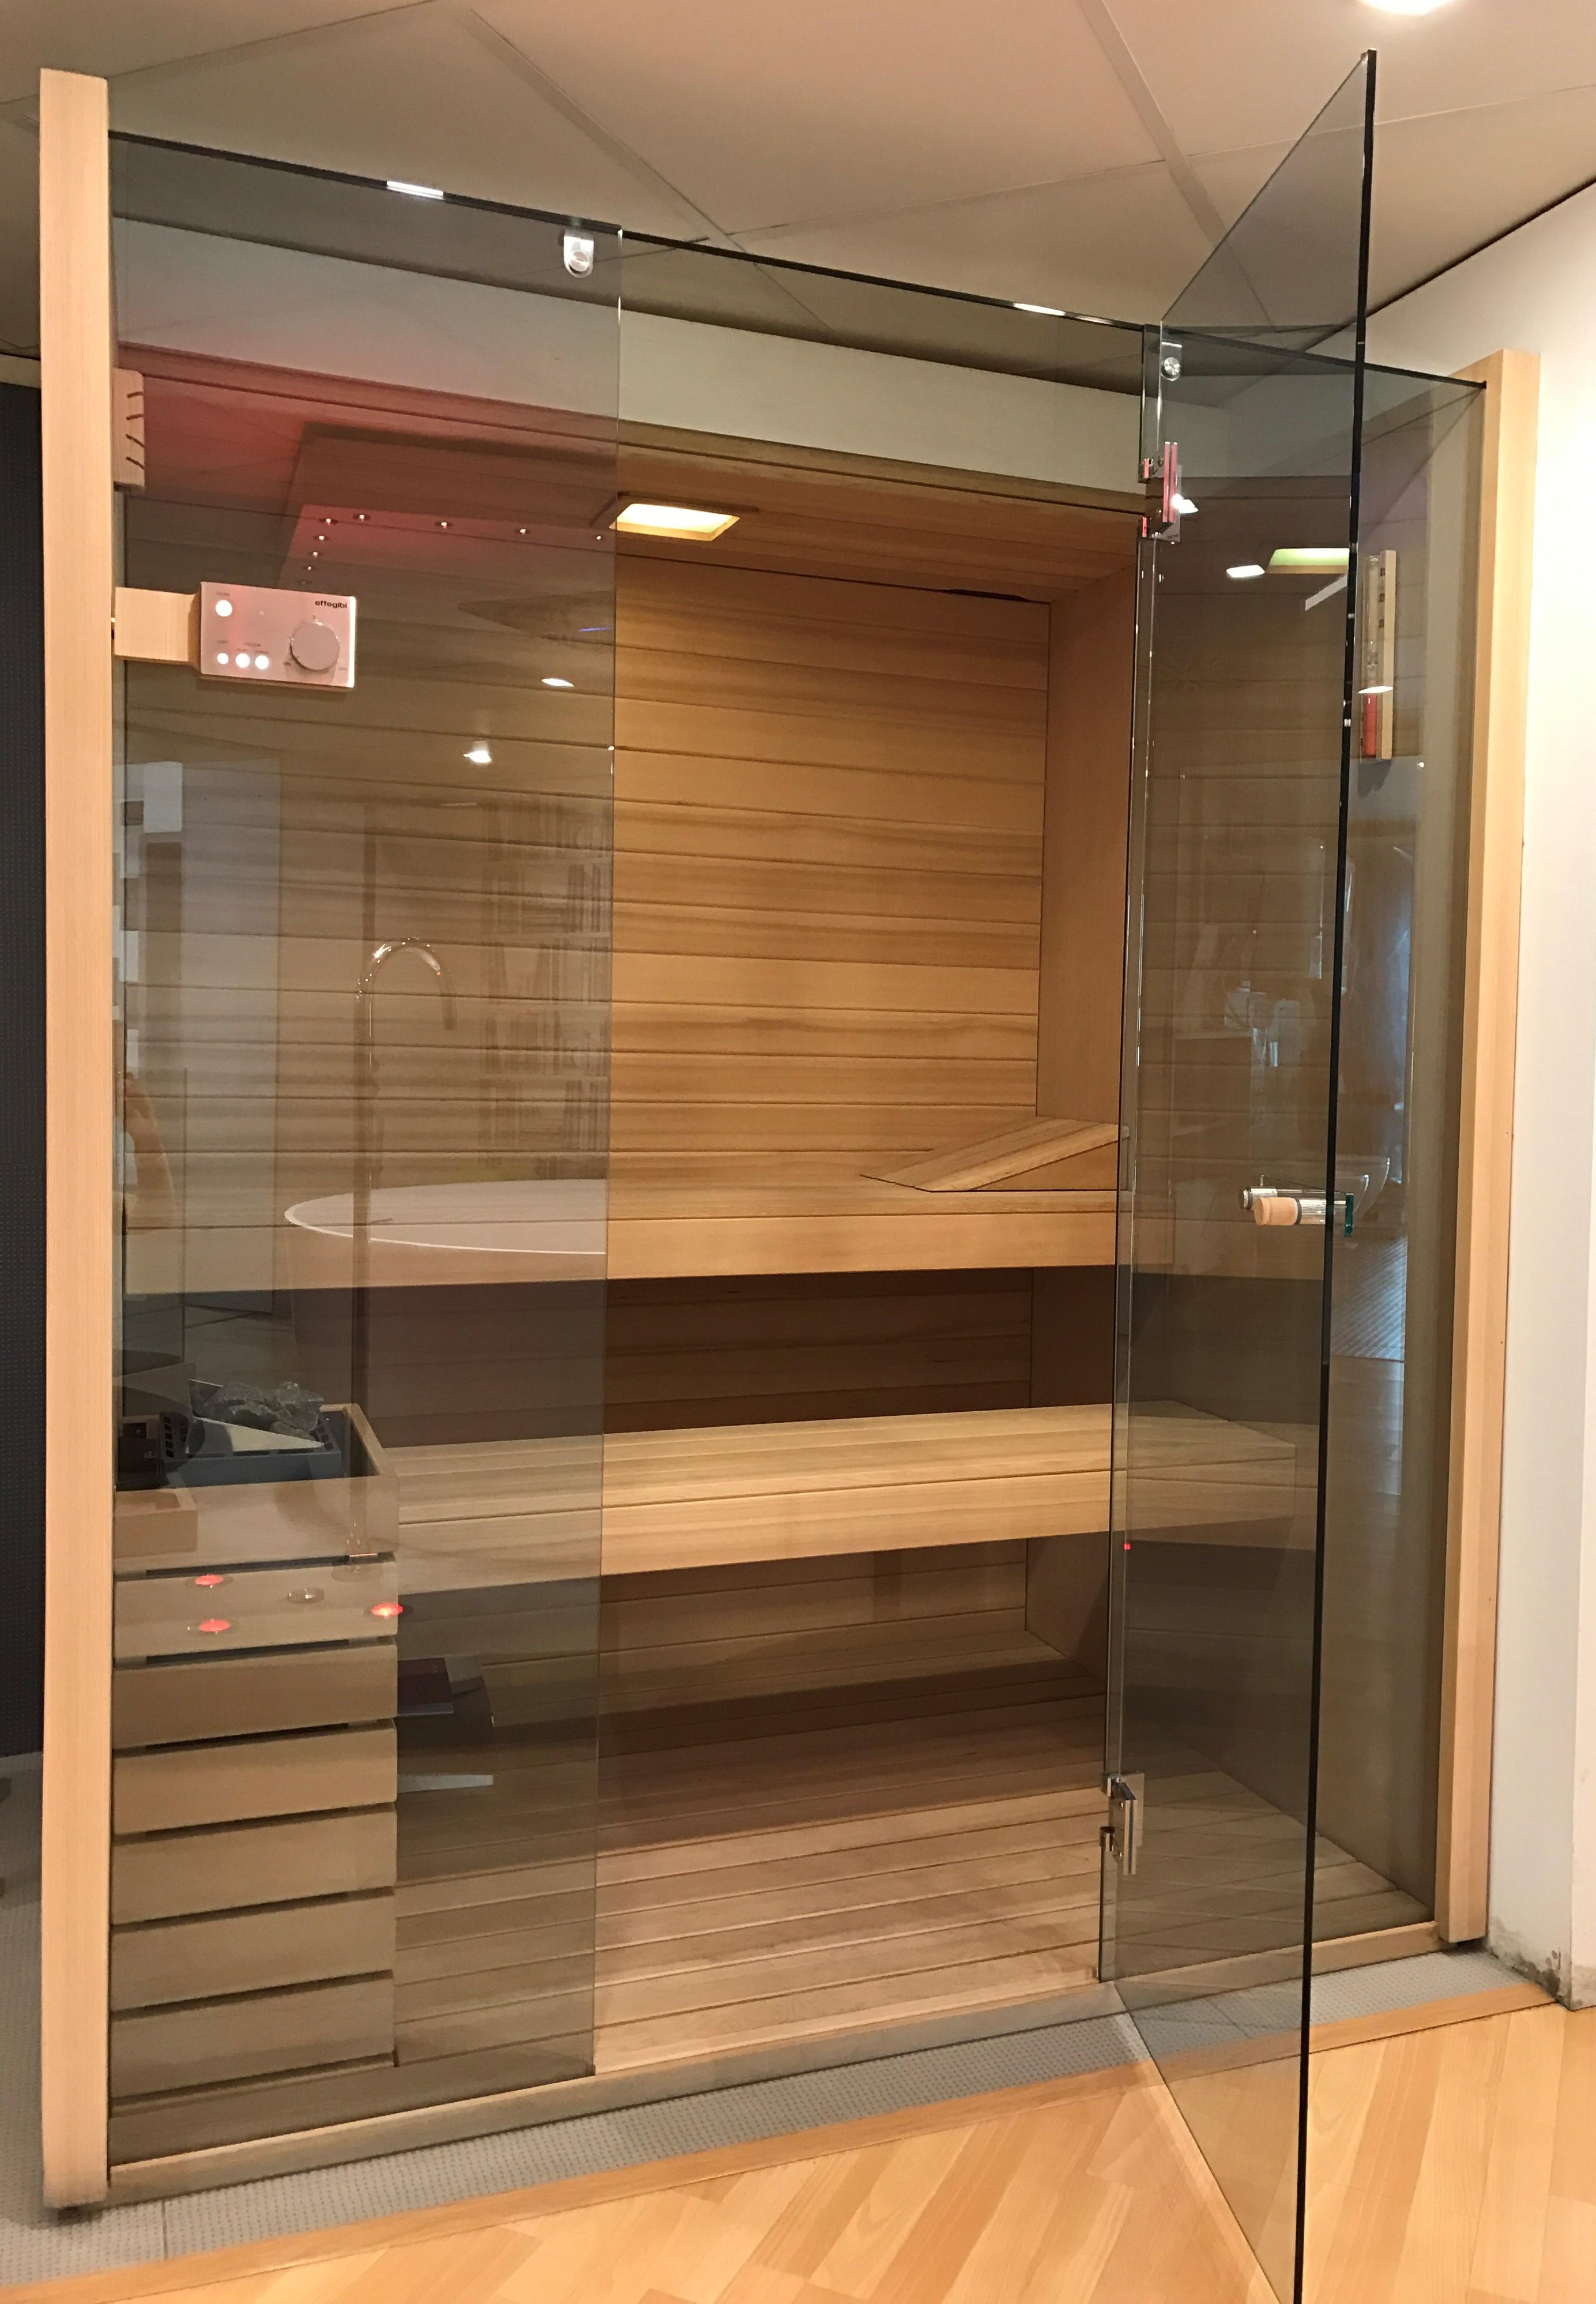 Free milldue prezzi by cabine sauna arredamenti casa italia materiali sauna with sauna in casa - Prezzi sauna per casa ...